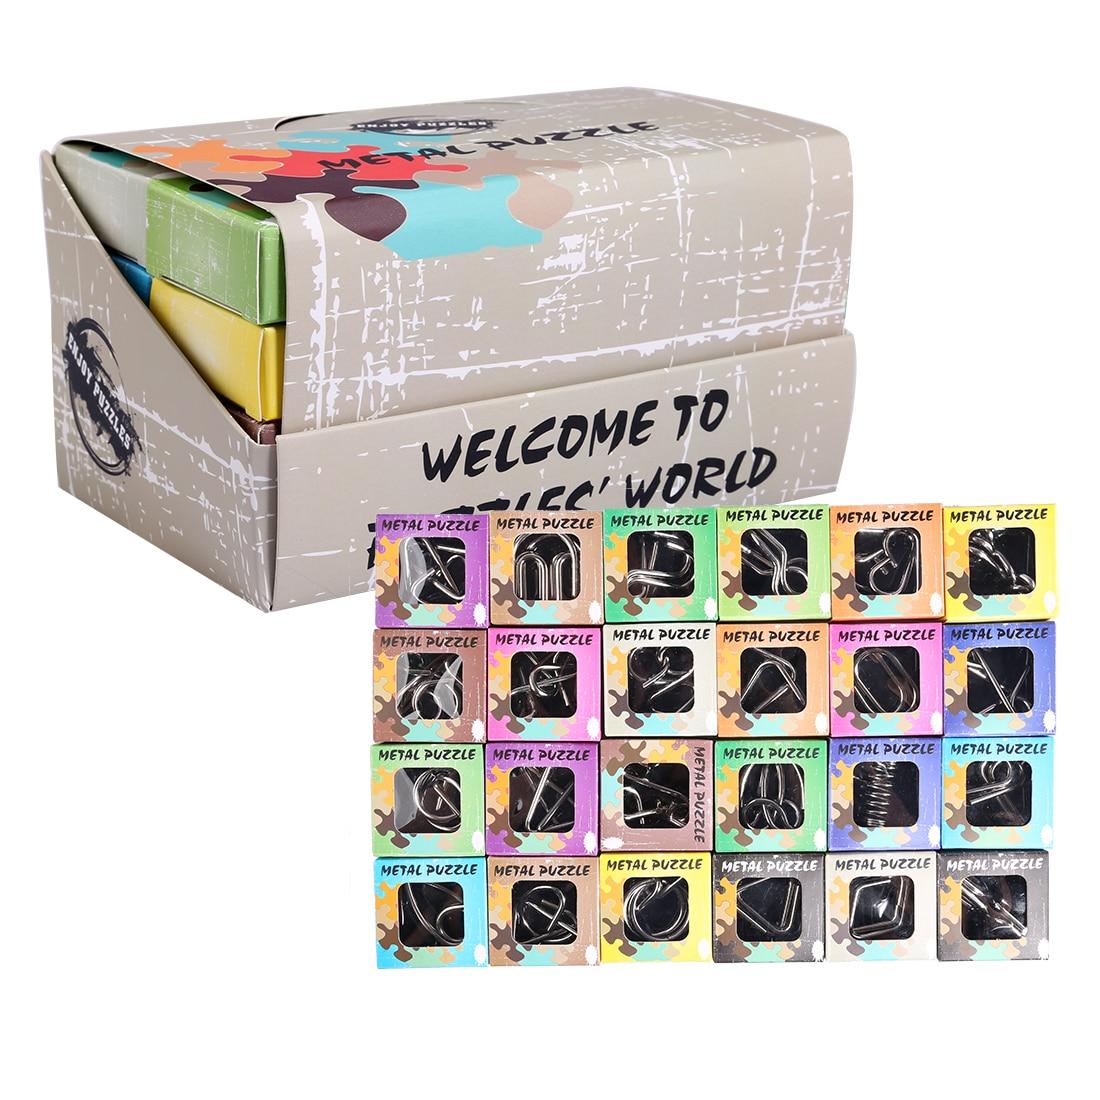 UTOYSLAND 24 teile/satz Metall Draht Puzzles IQ Gehirn Teaser Klassischen Intellektuelles Spielzeug für Kinder Erwachsene